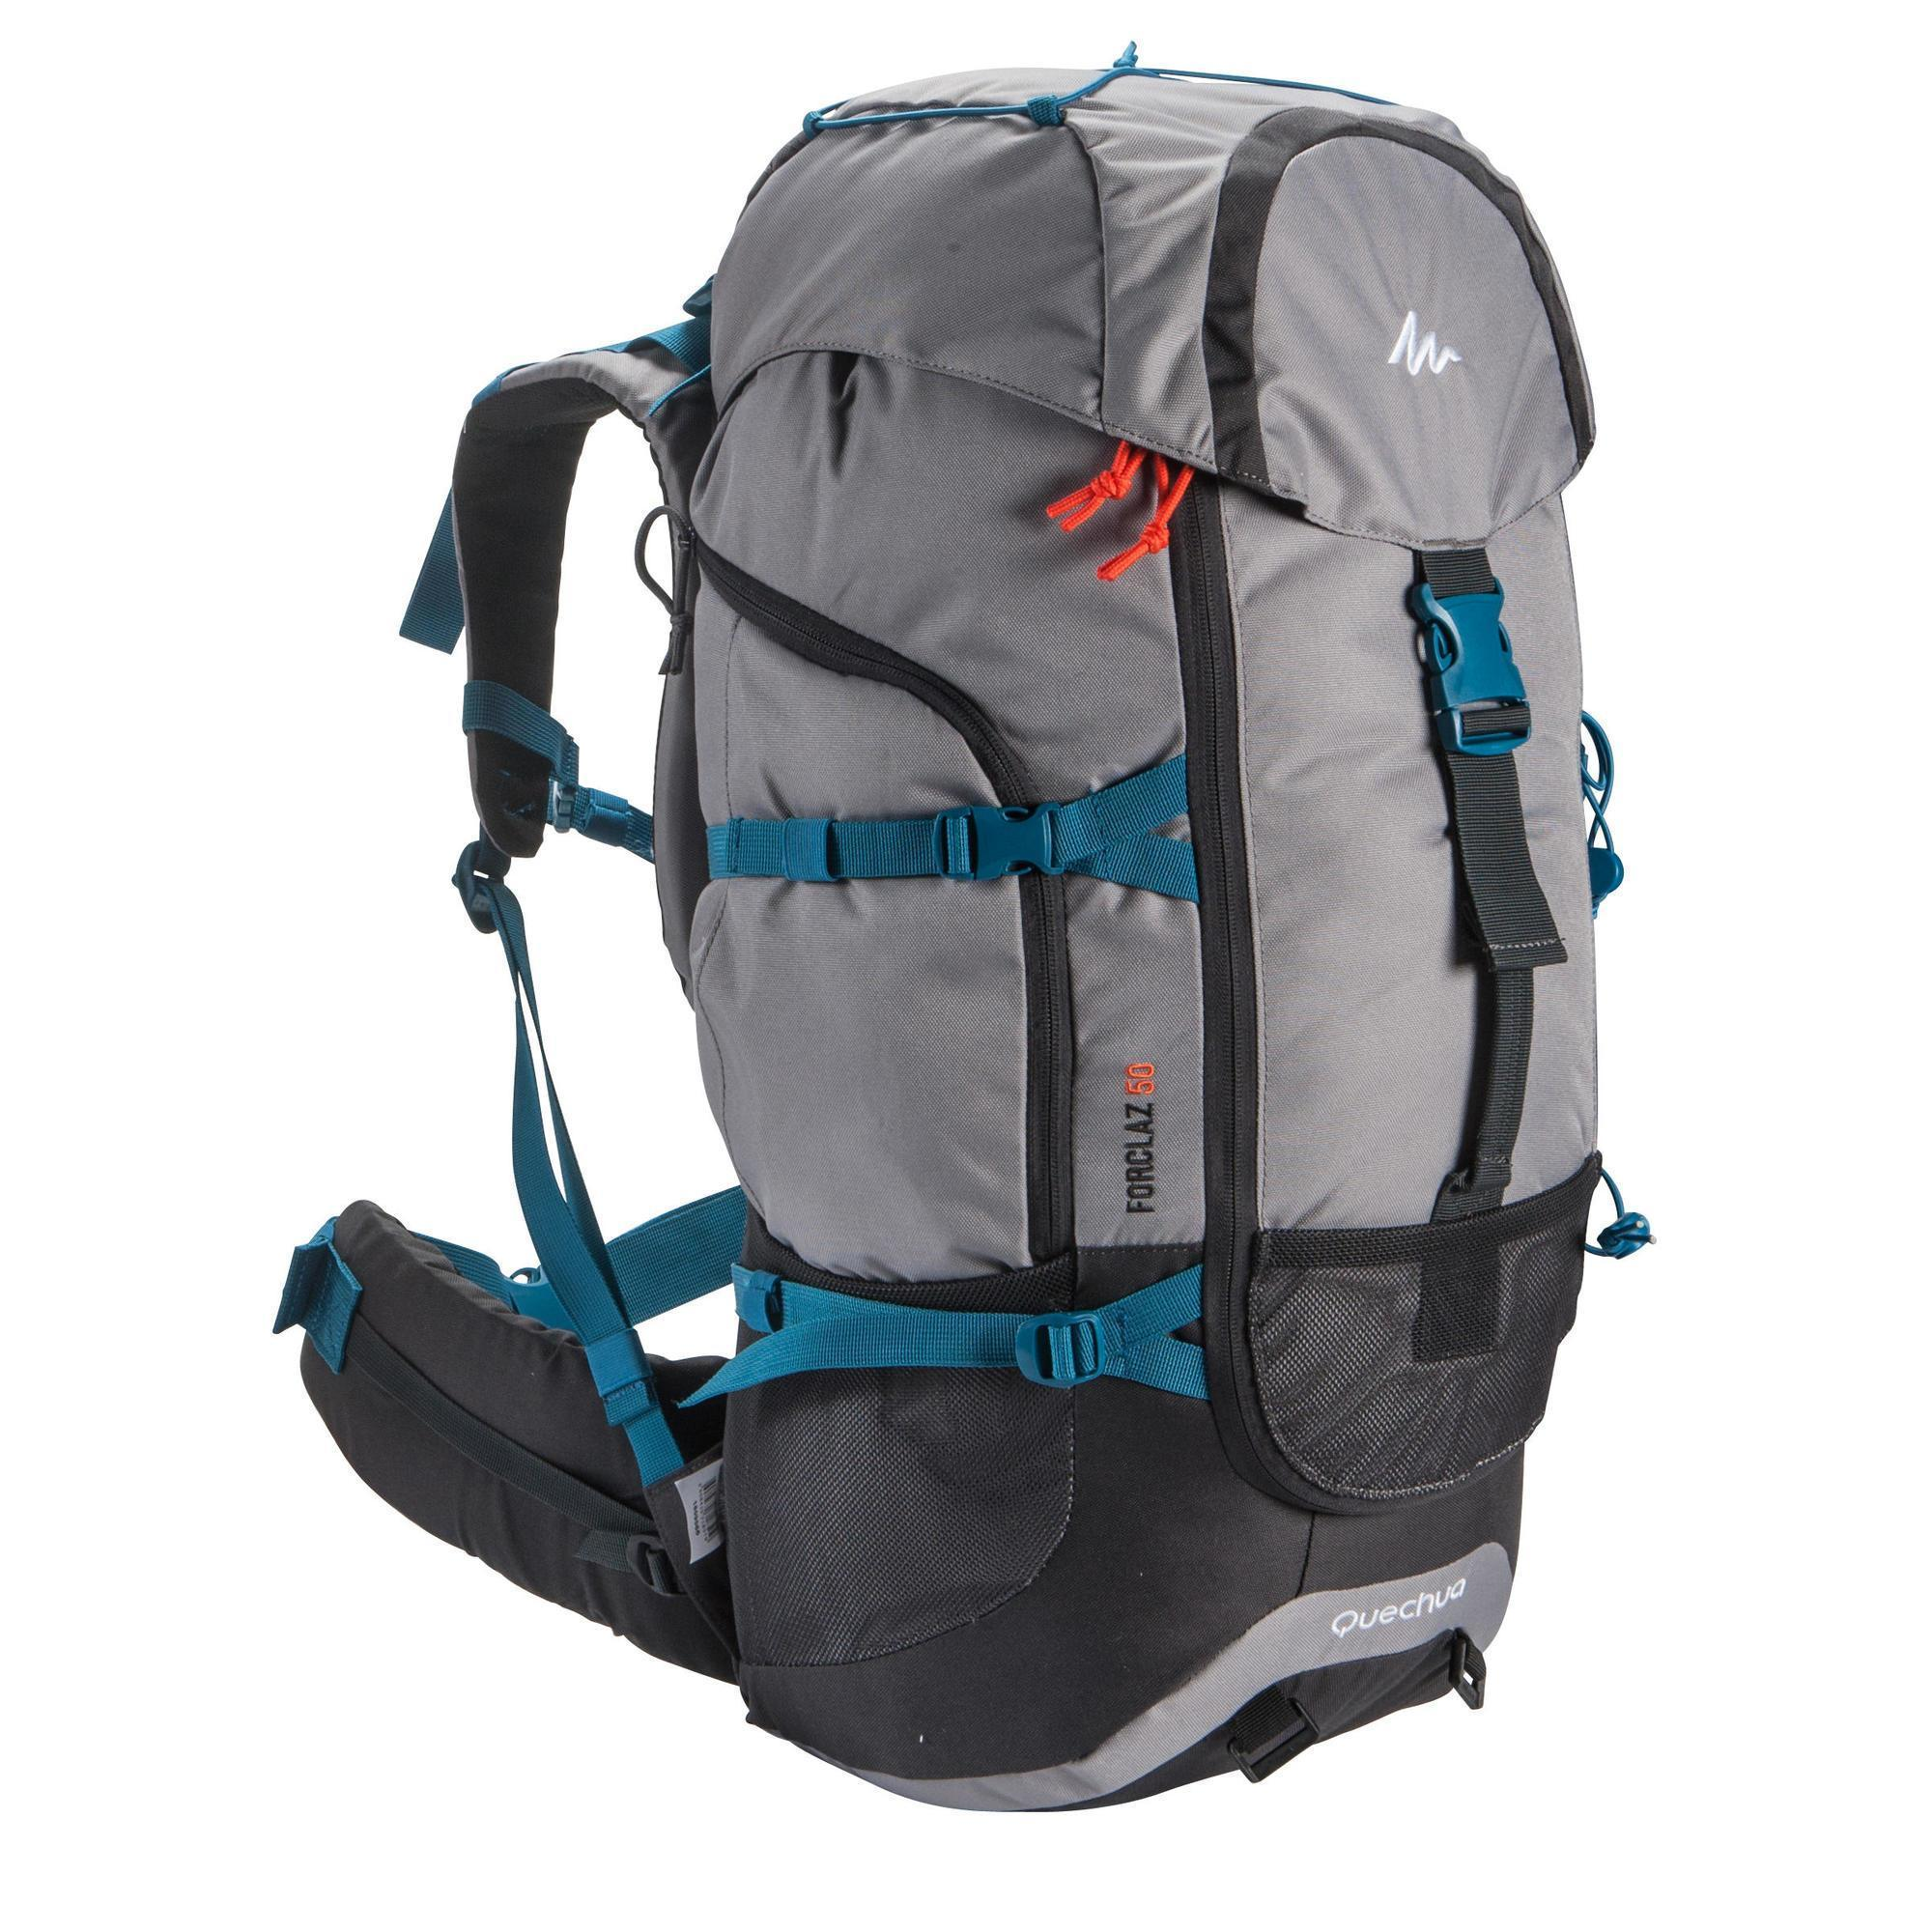 Backpack Trekking Forclaz 50 Litres Grey Quechua